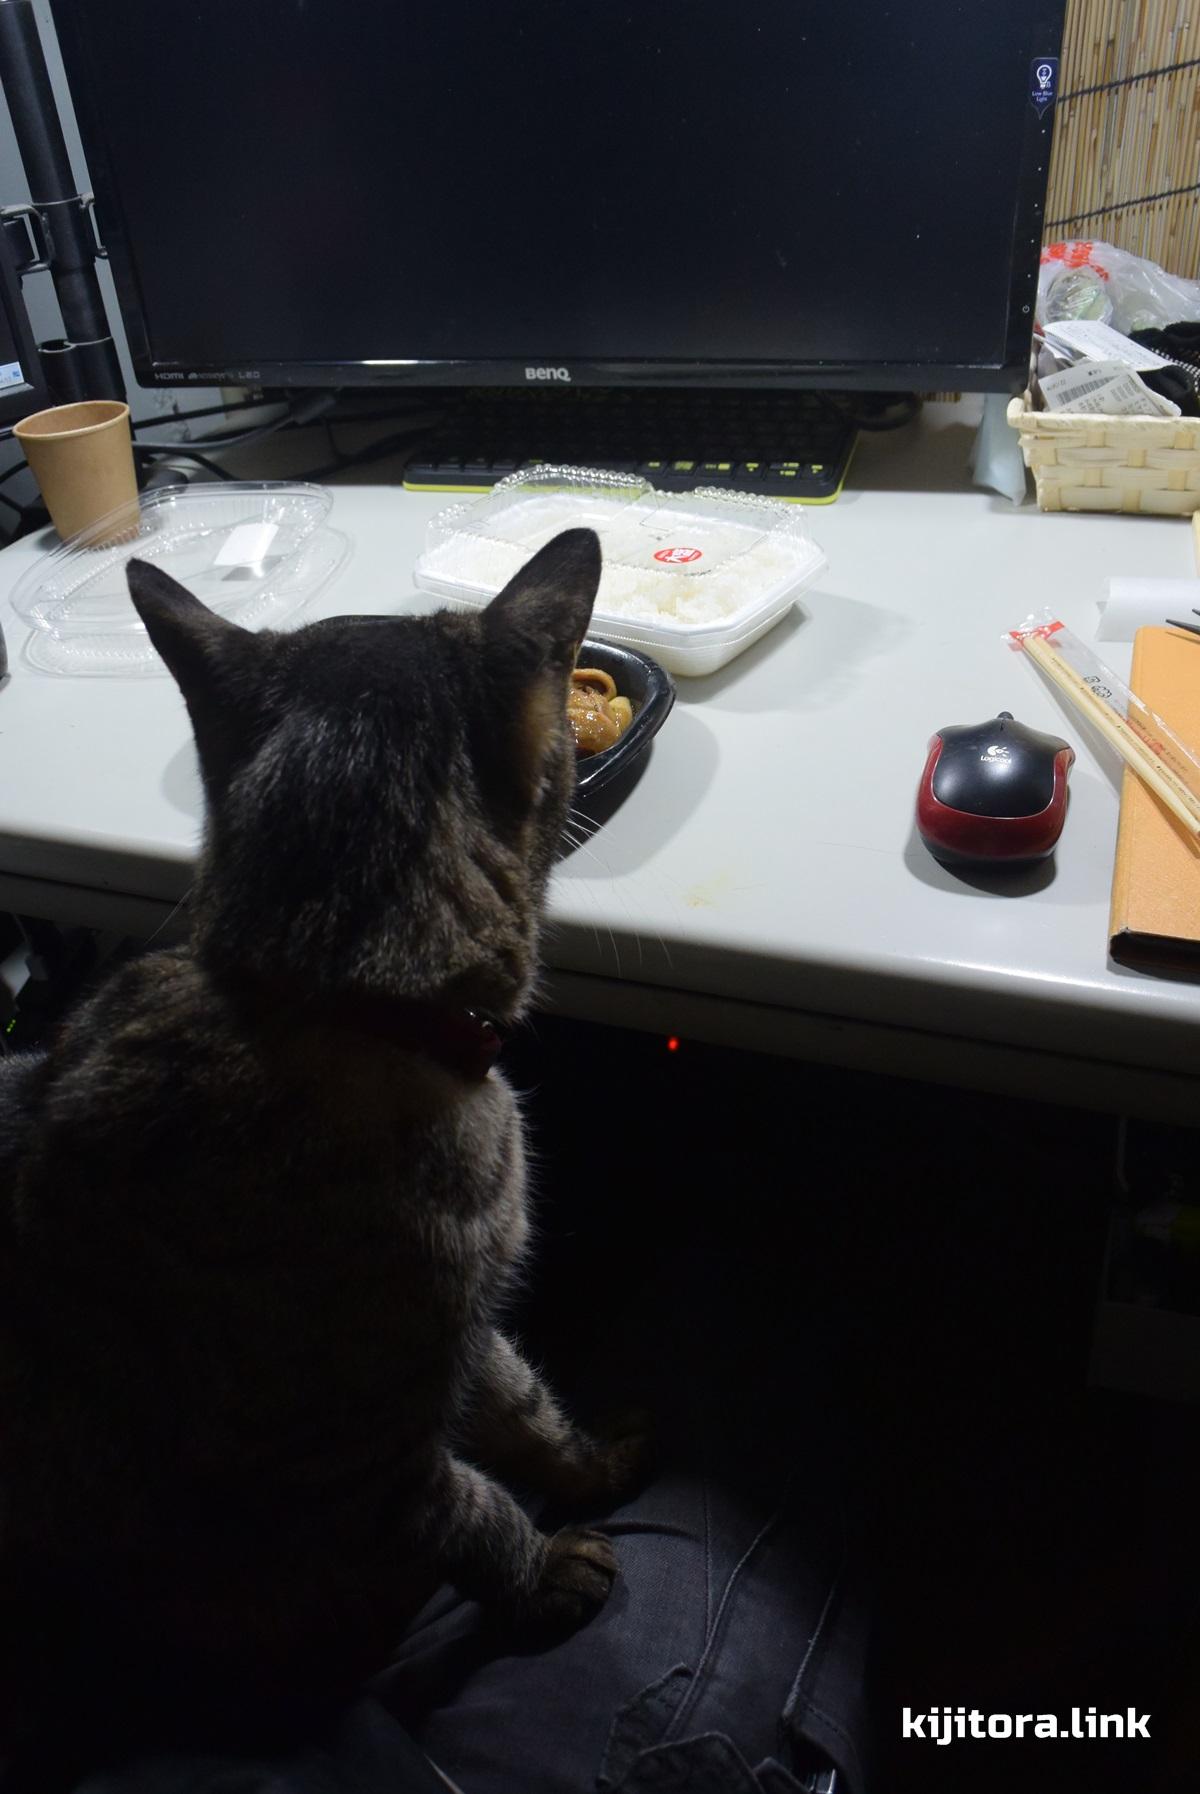 ほっともっとのしょうが焼き弁当を狙う猫